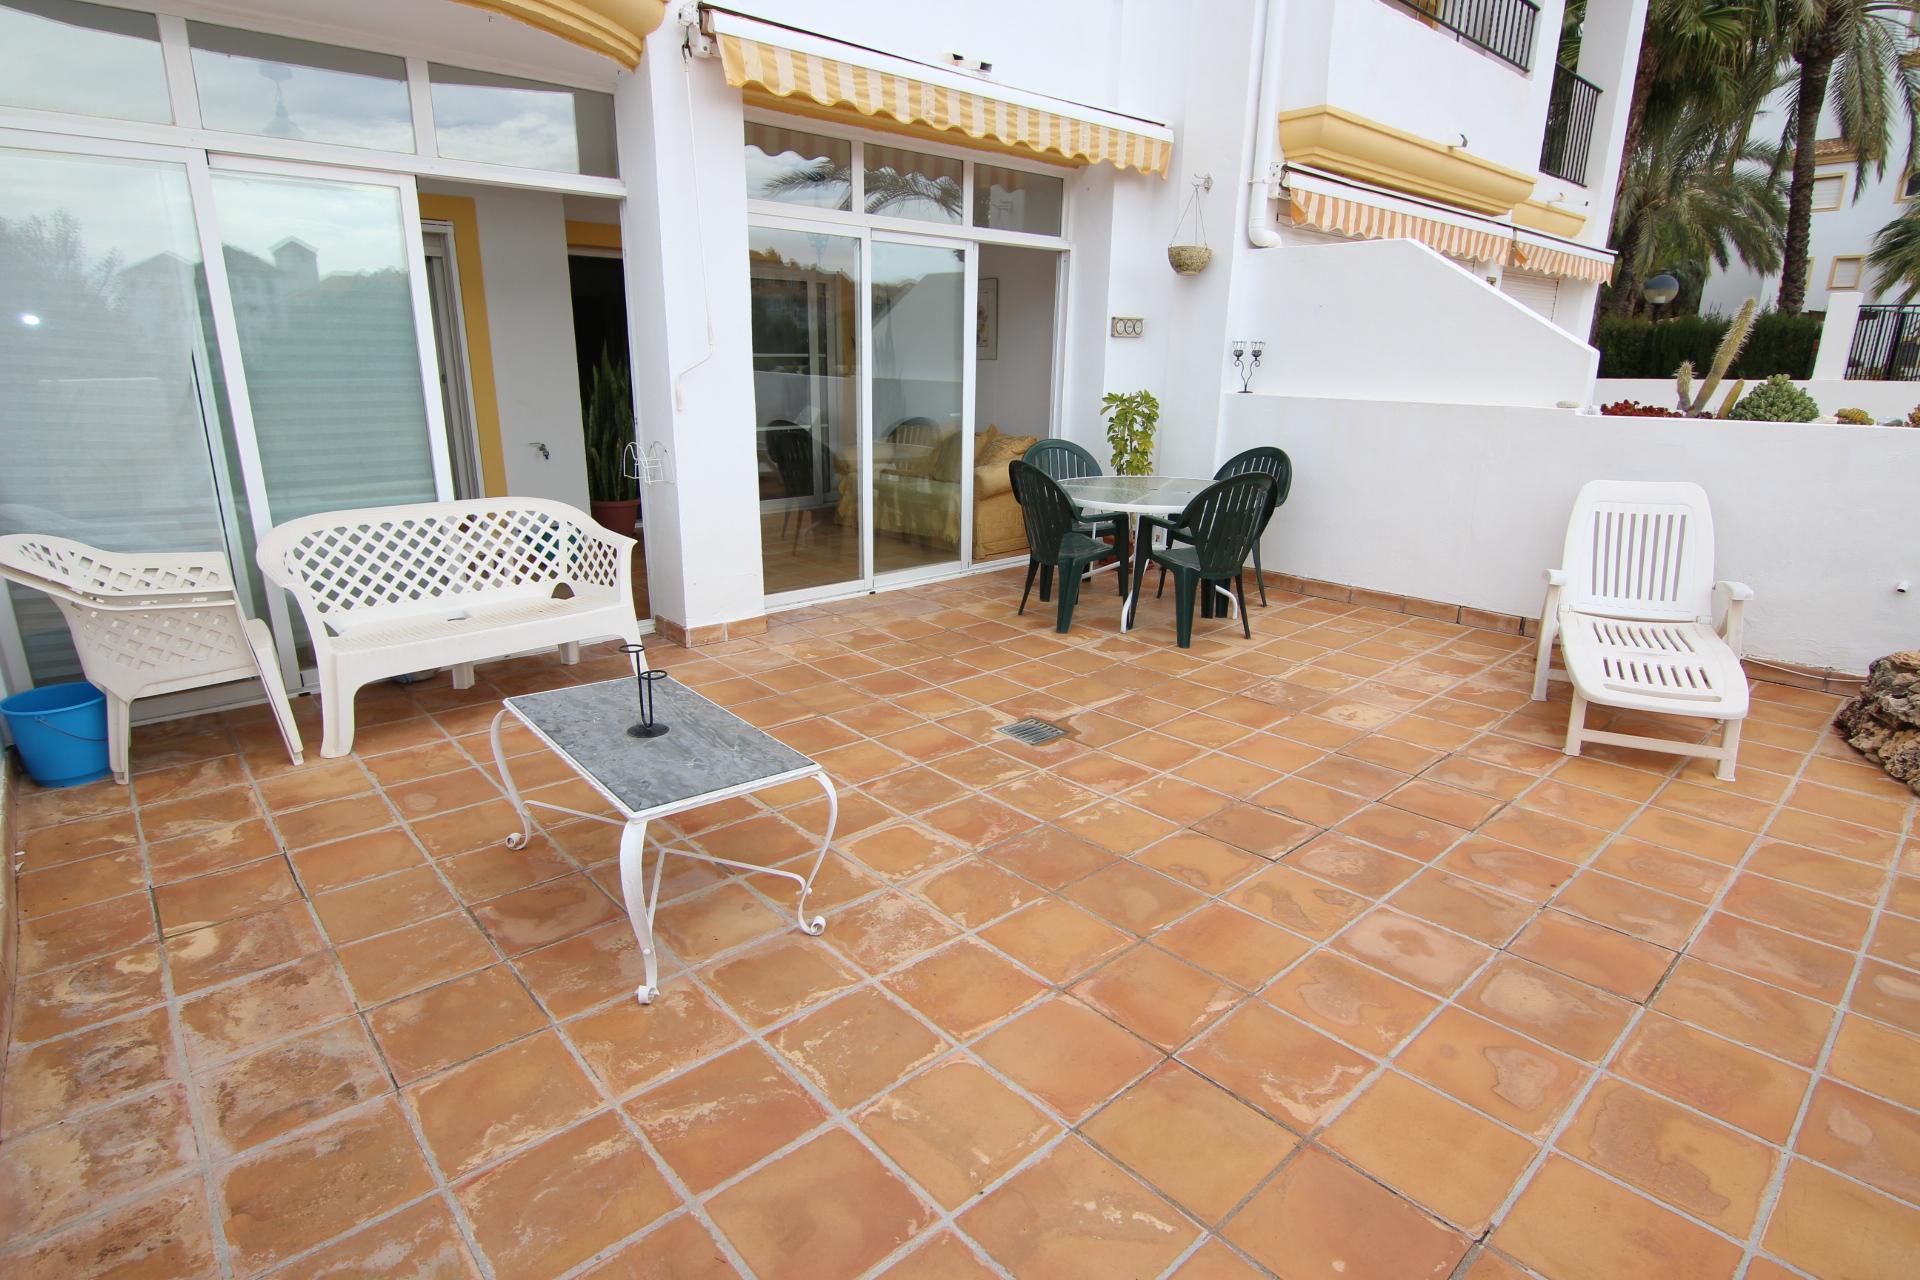 Bel appartement avec 2 grandes terrasses et vue sur mer for Appartement et terrasse